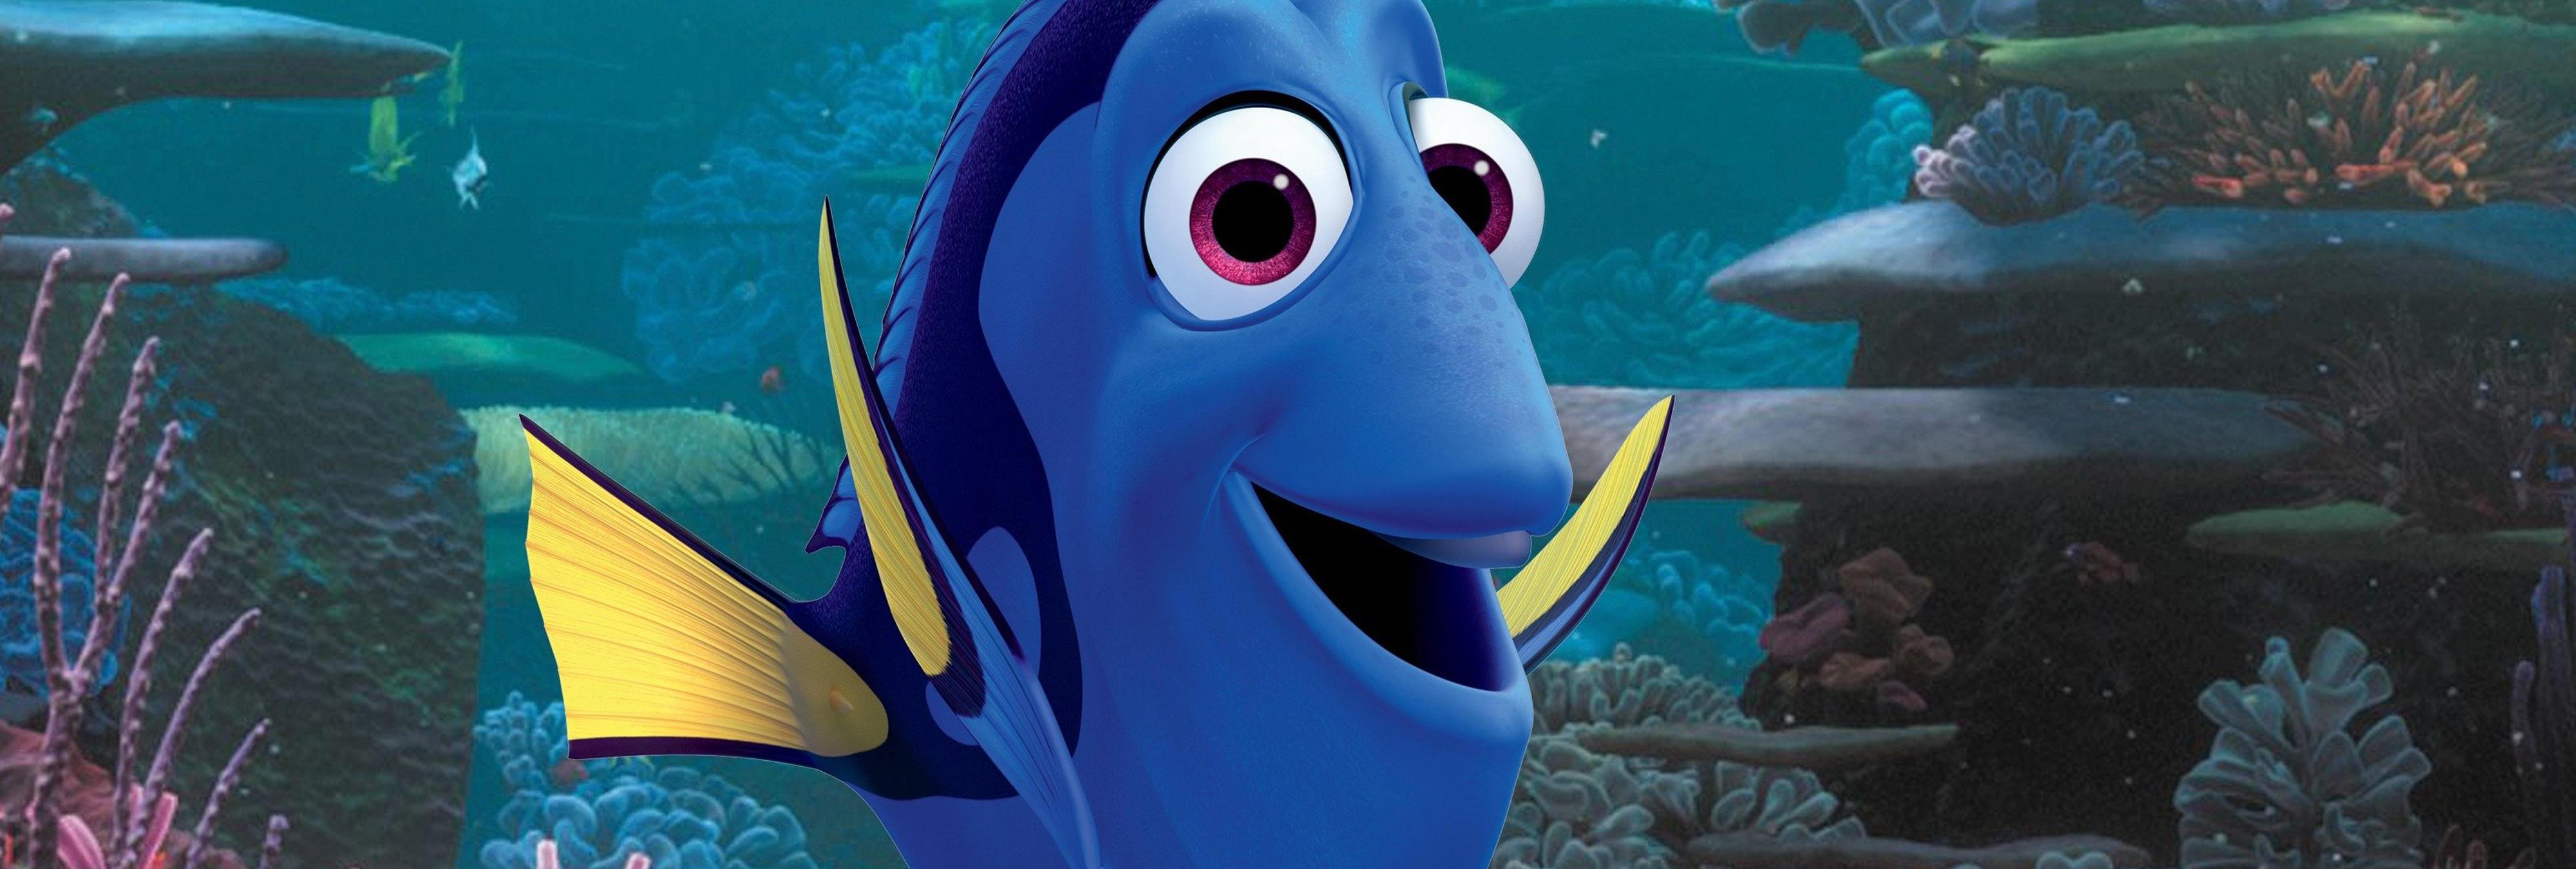 Los 15 mejores personajes secundarios de Disney